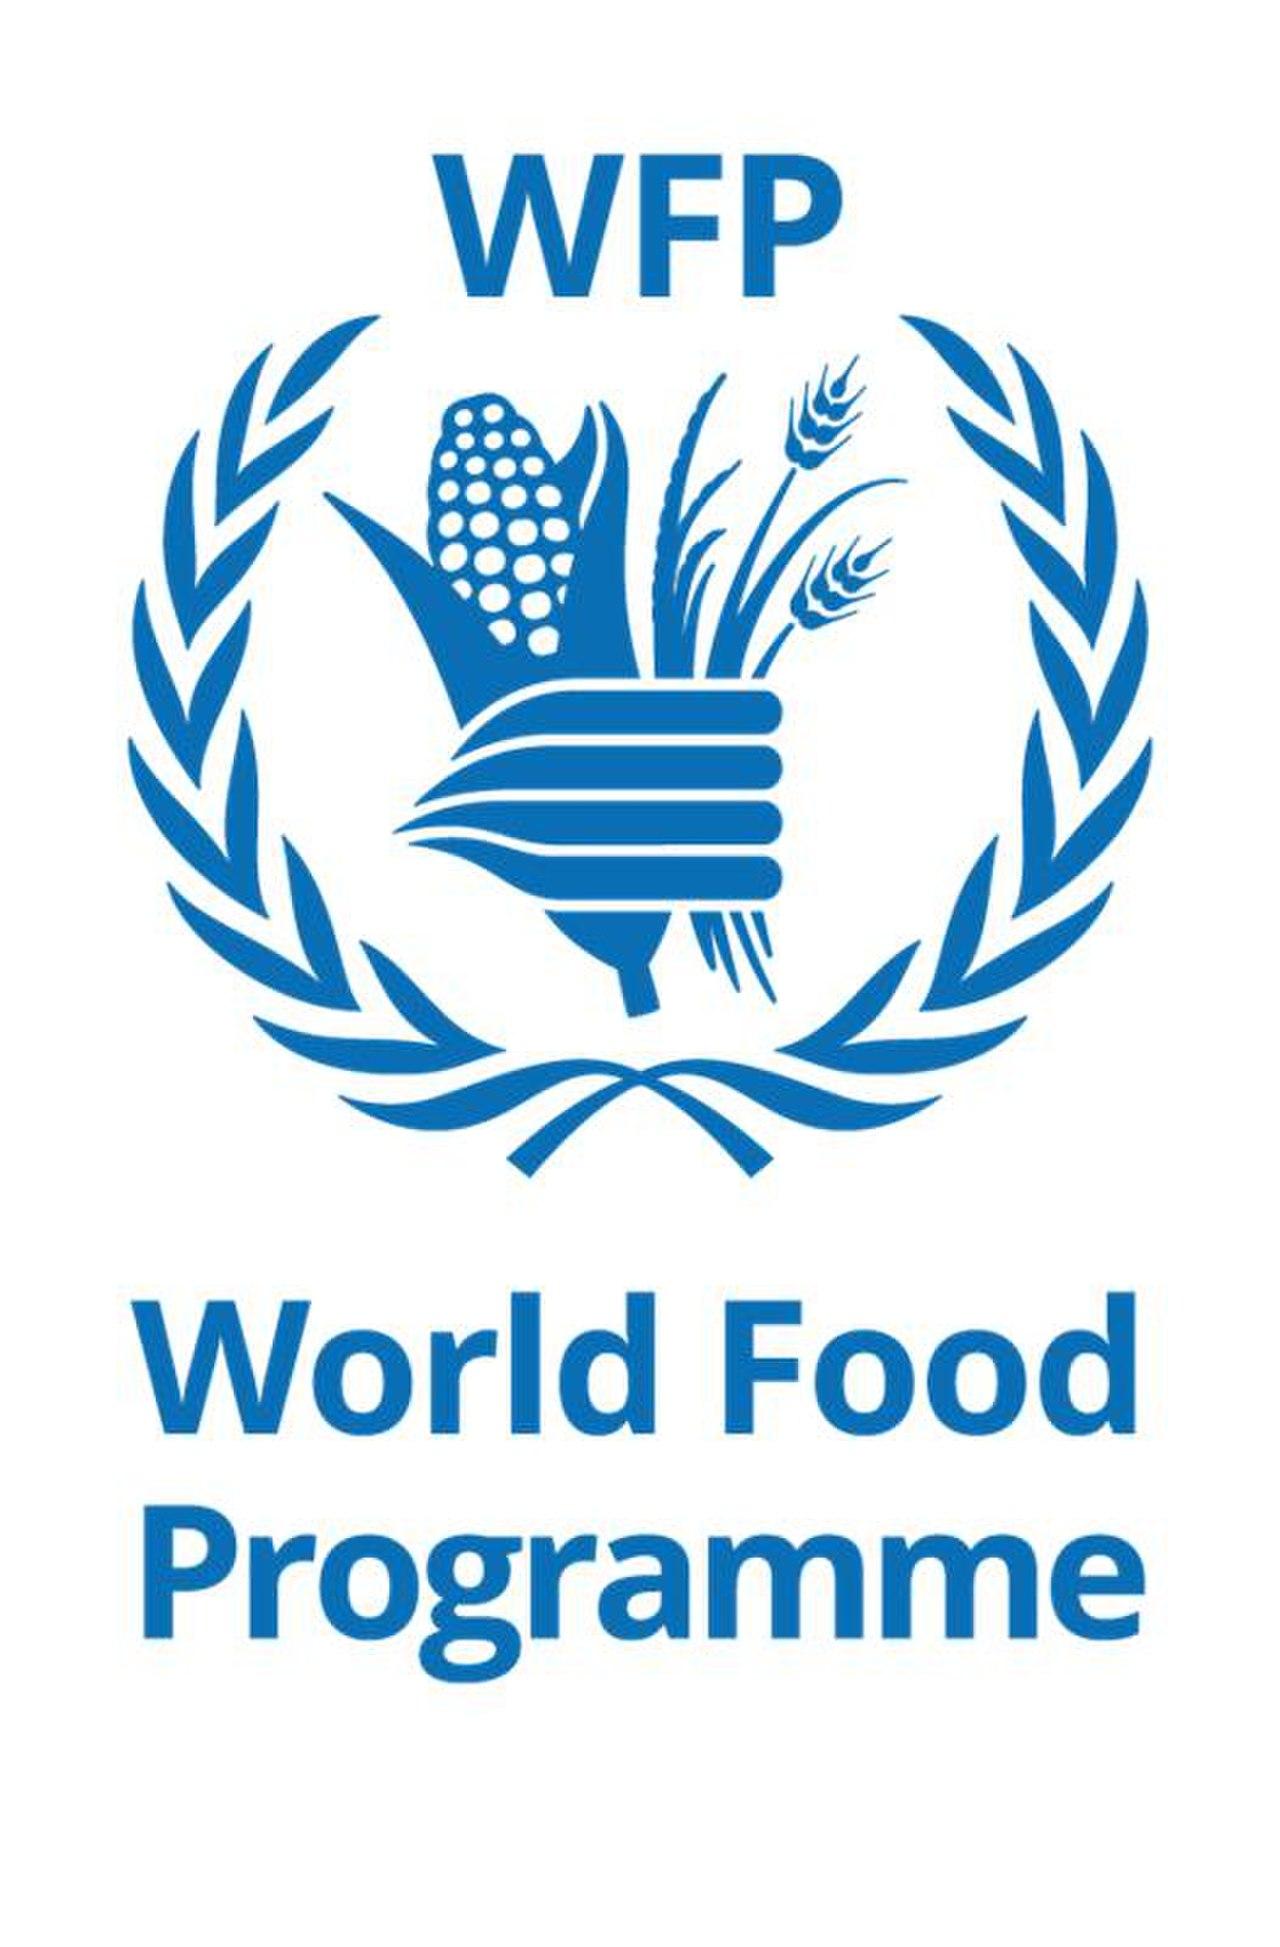 एफएओ ने एक देश एक प्राथमिकता उत्पाद पर वैश्विक कार्रवाई शुरू की